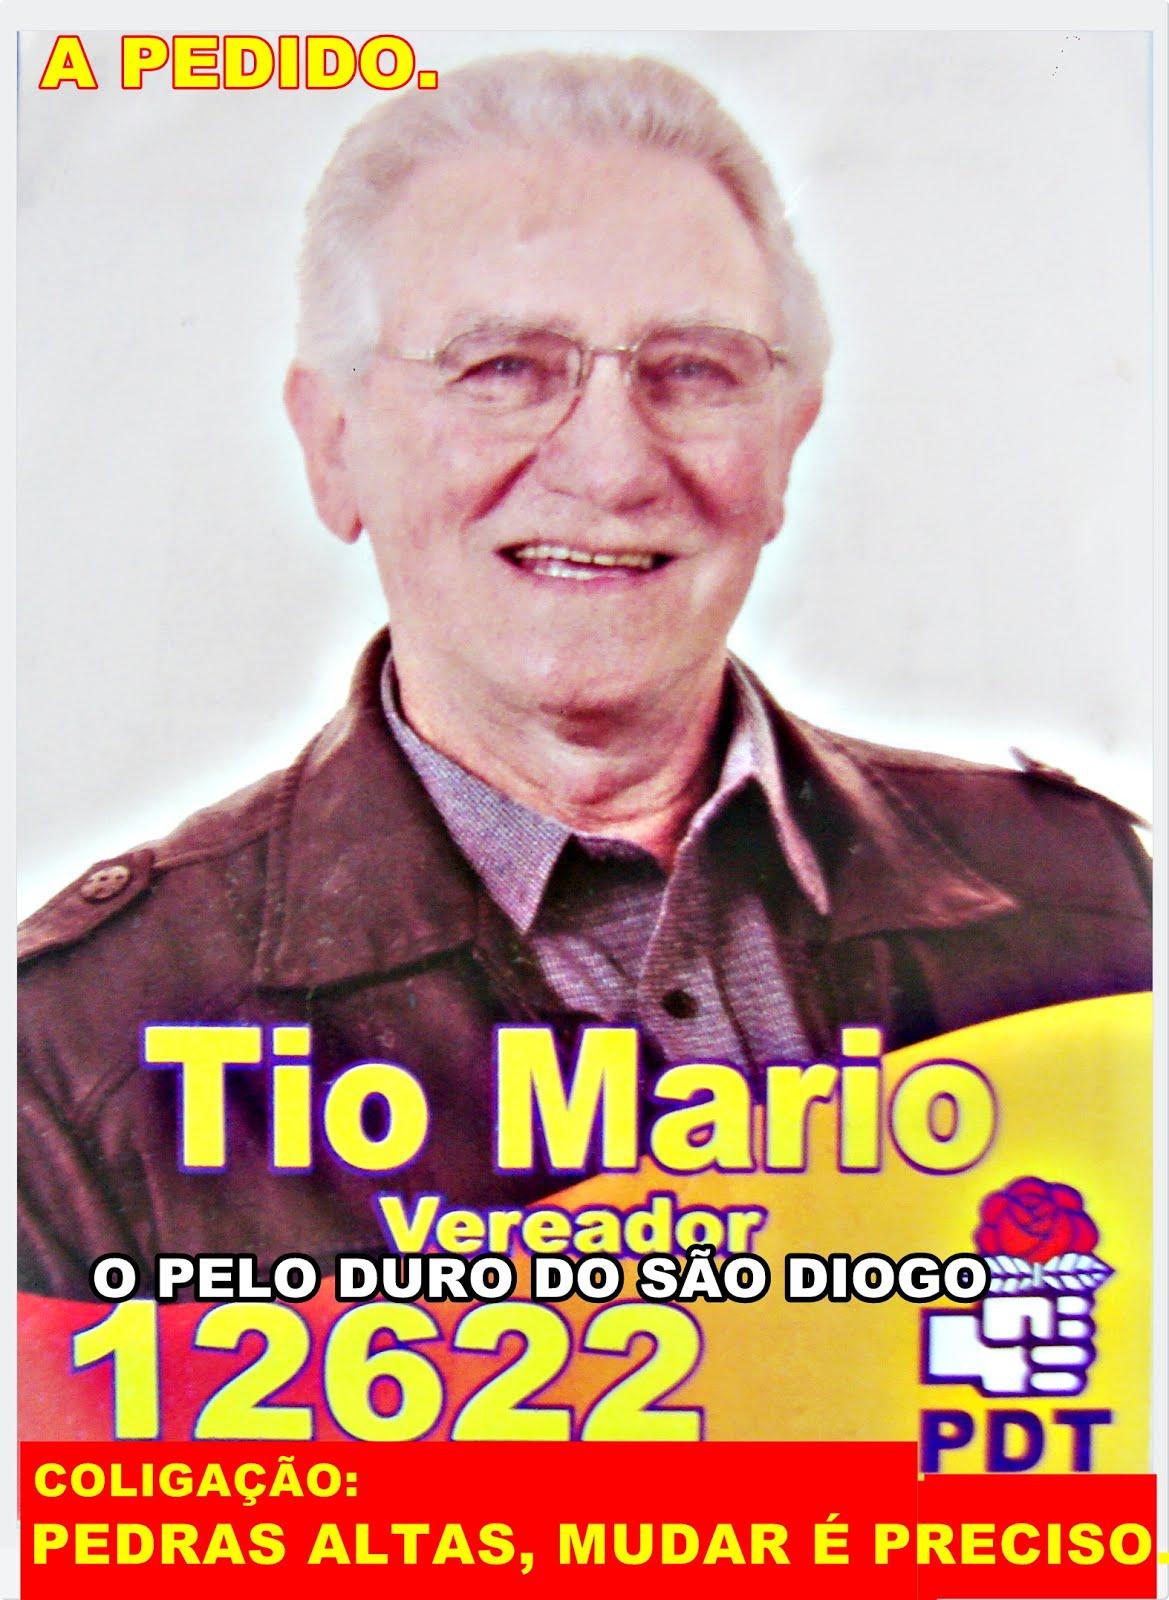 ESPAÇO GRATUITO, PEDRAS ALTAS.